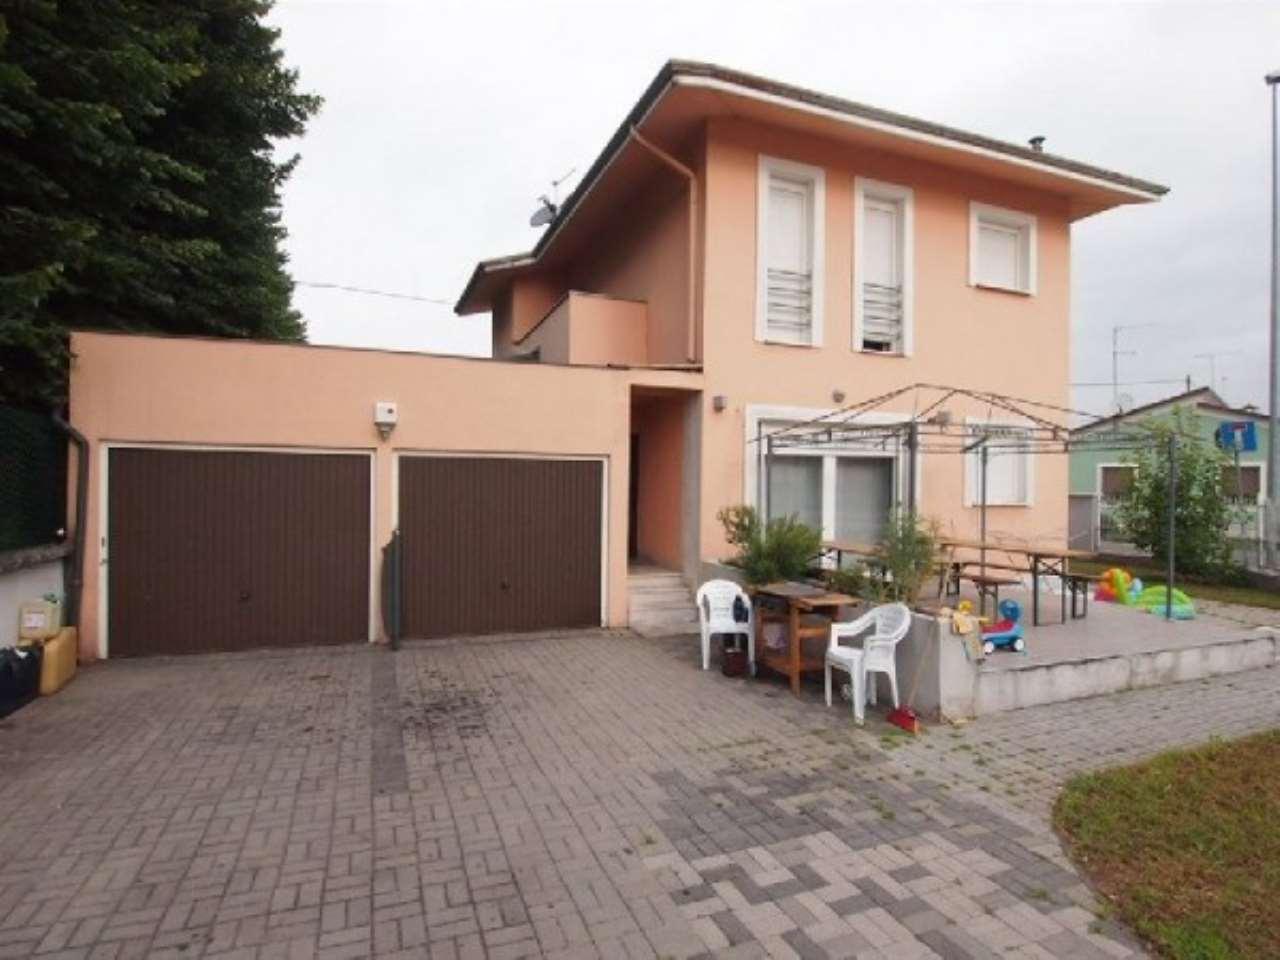 Appartamento in vendita a Mozzecane, 3 locali, prezzo € 66.000 | CambioCasa.it